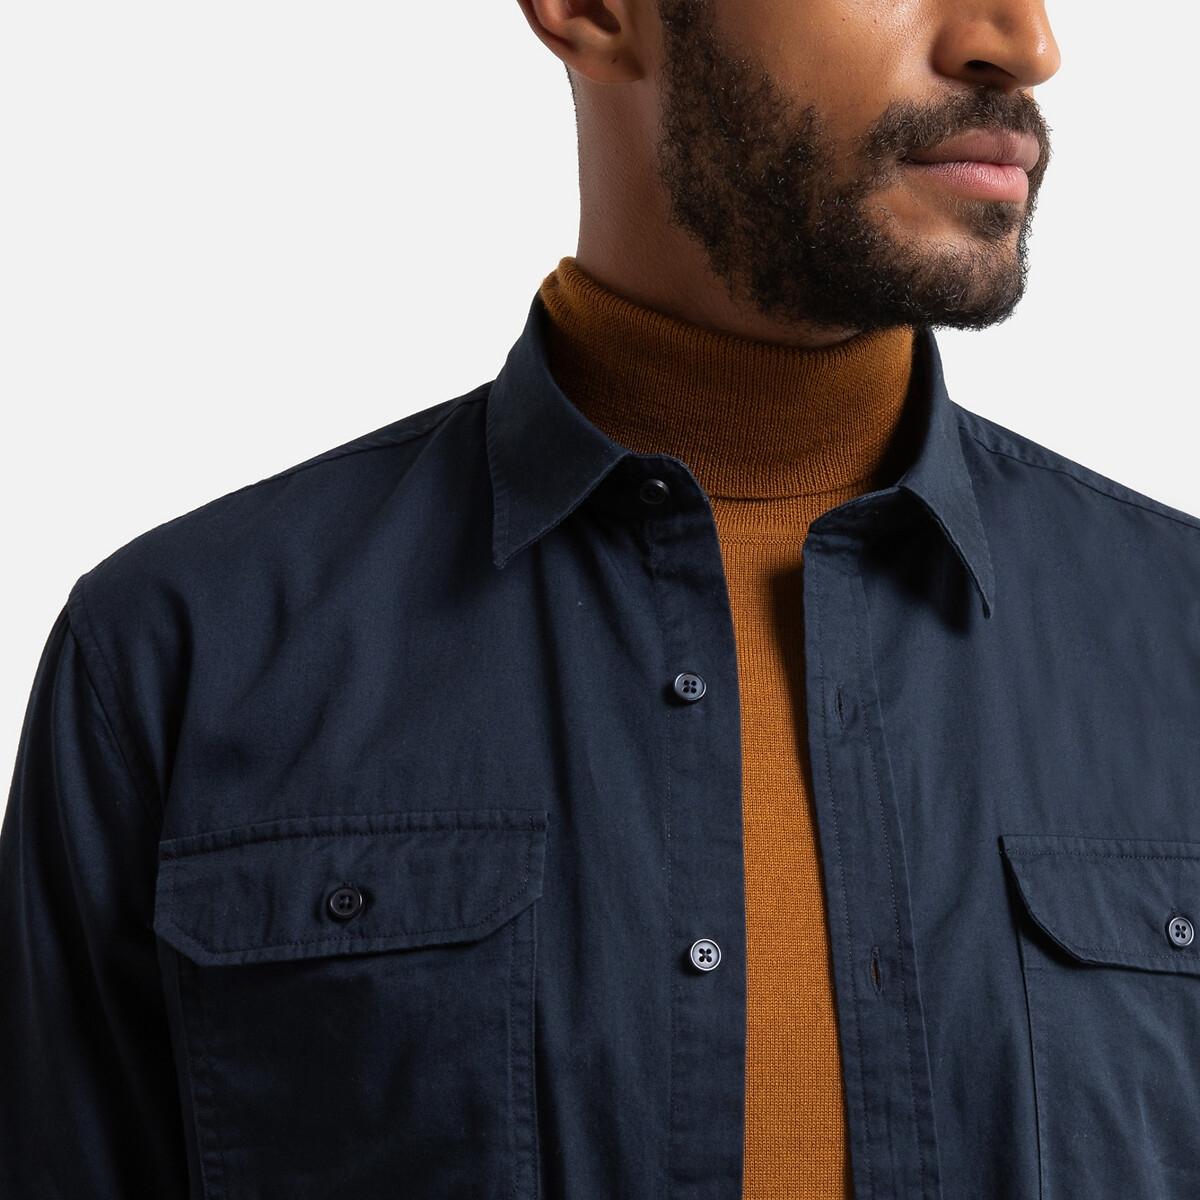 Фото - Рубашка LaRedoute Прямого покроя с карманами на груди длинные рукава 45/46 синий юбка laredoute джинсовая прямого покроя xs синий